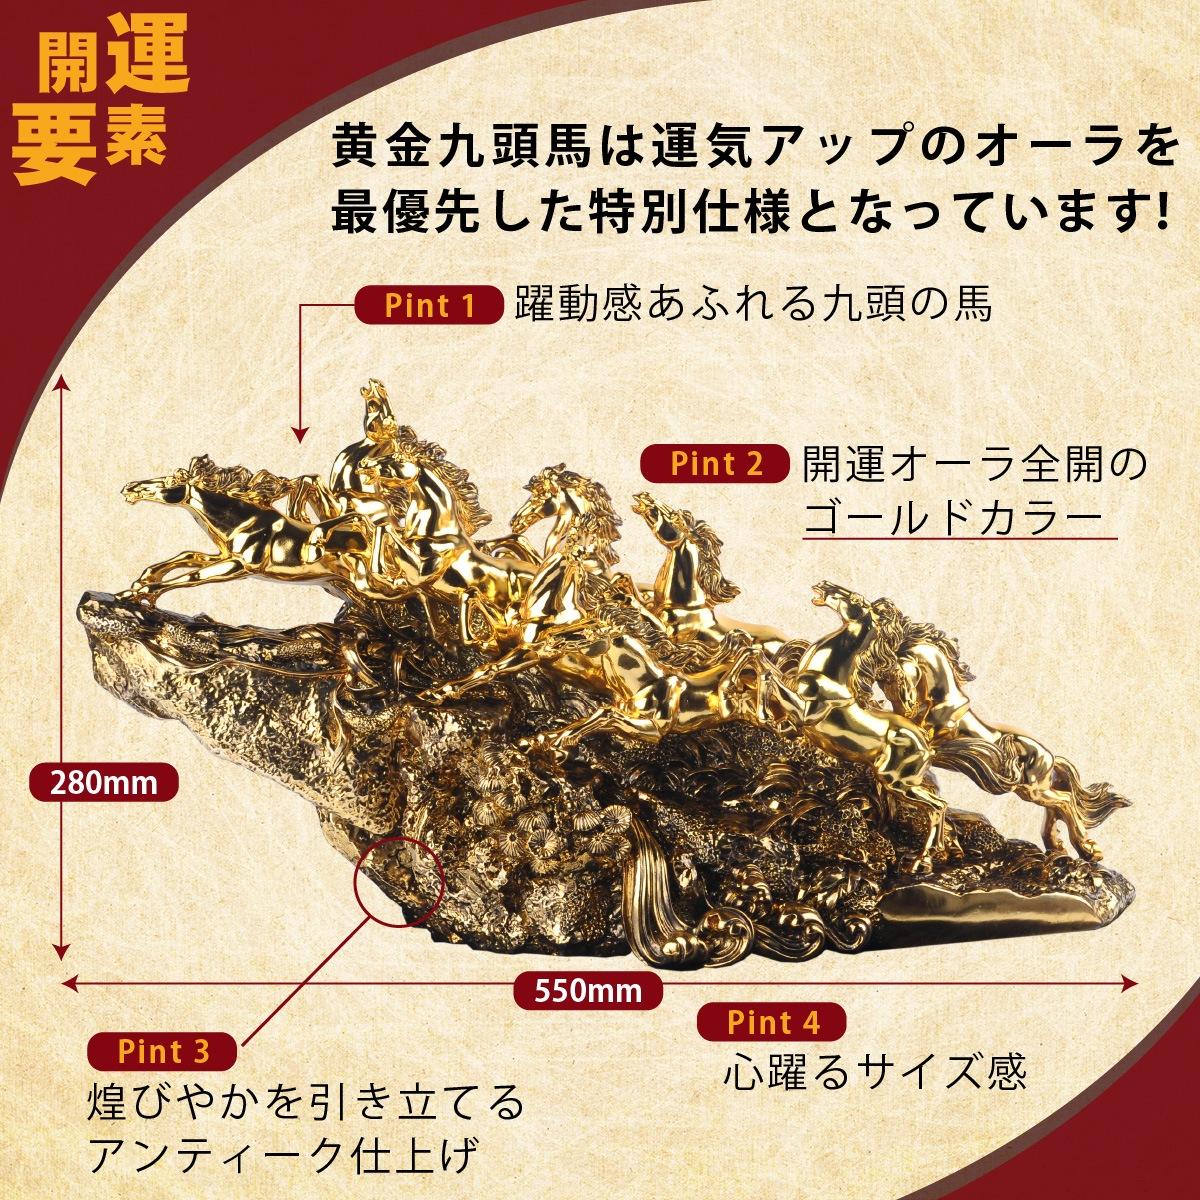 【うまくいく!】 九大昇運『黄金九頭馬』 ≫特大置物